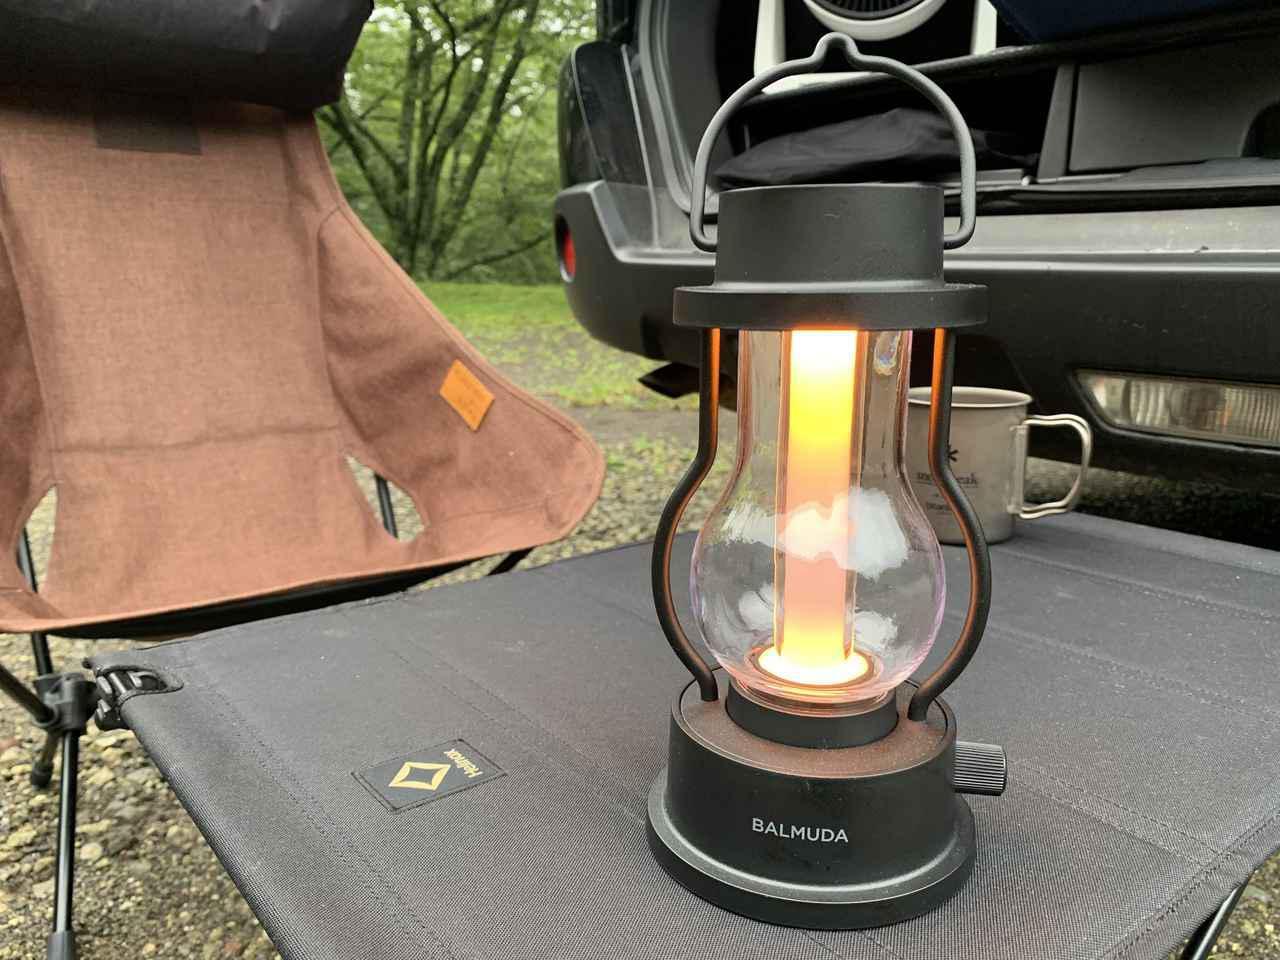 画像: 【筆者愛用】キャンプの夜を彩るバルミューダのランタン! デザインだけでなく機能も充実 - ハピキャン(HAPPY CAMPER)